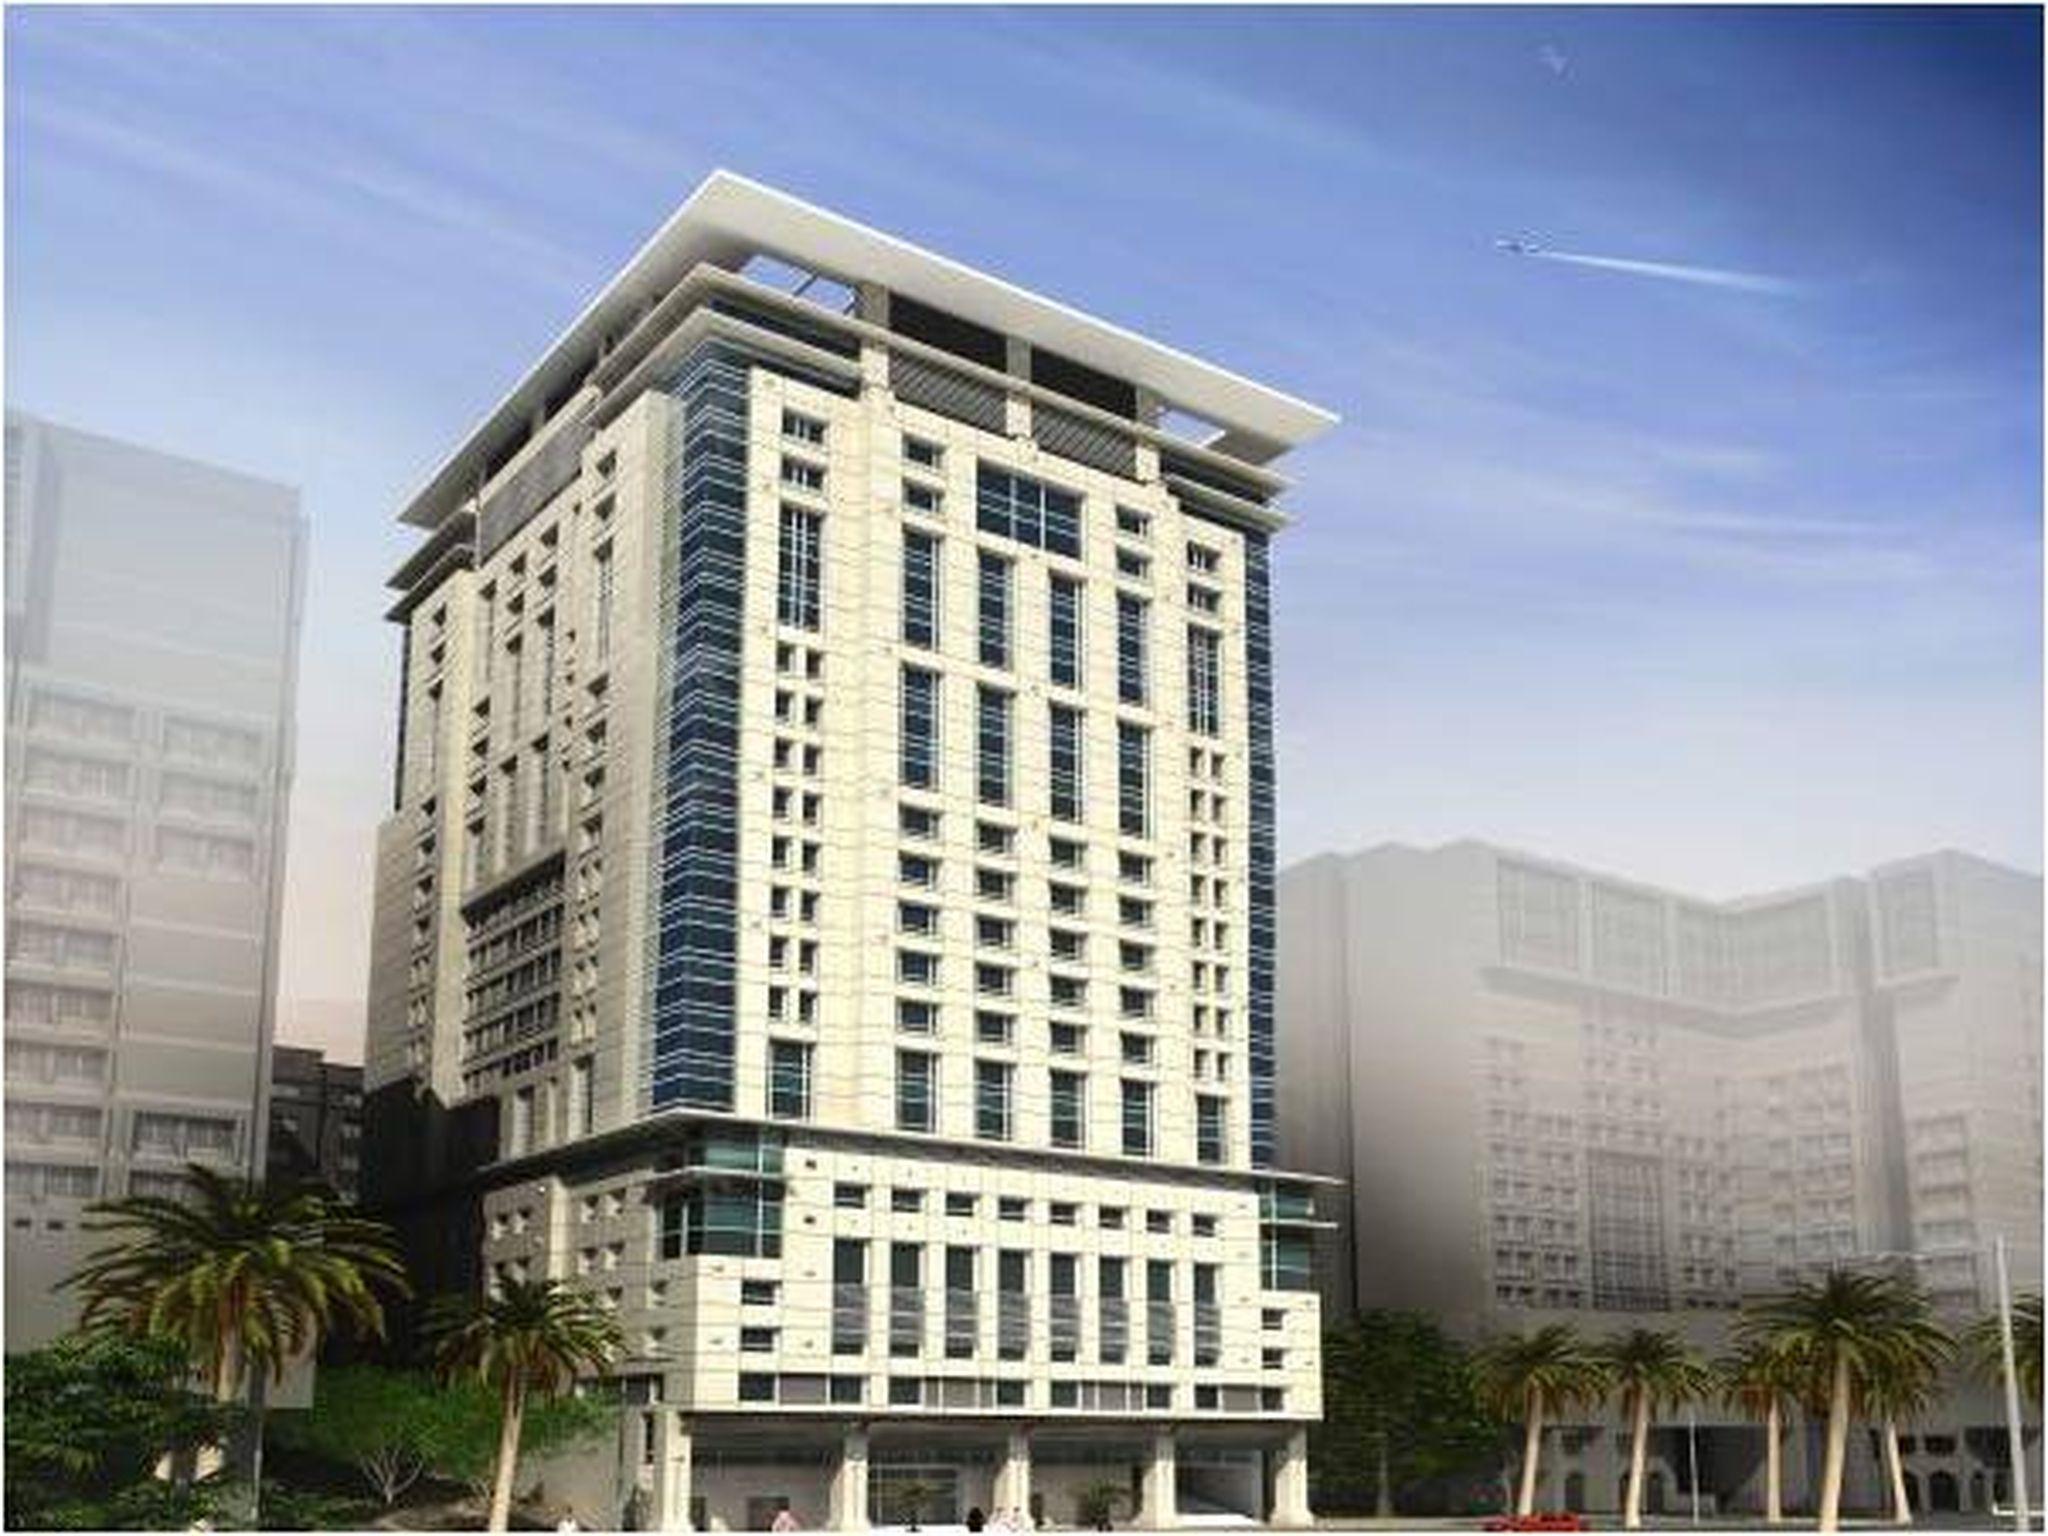 Shaza Hotel Makkah